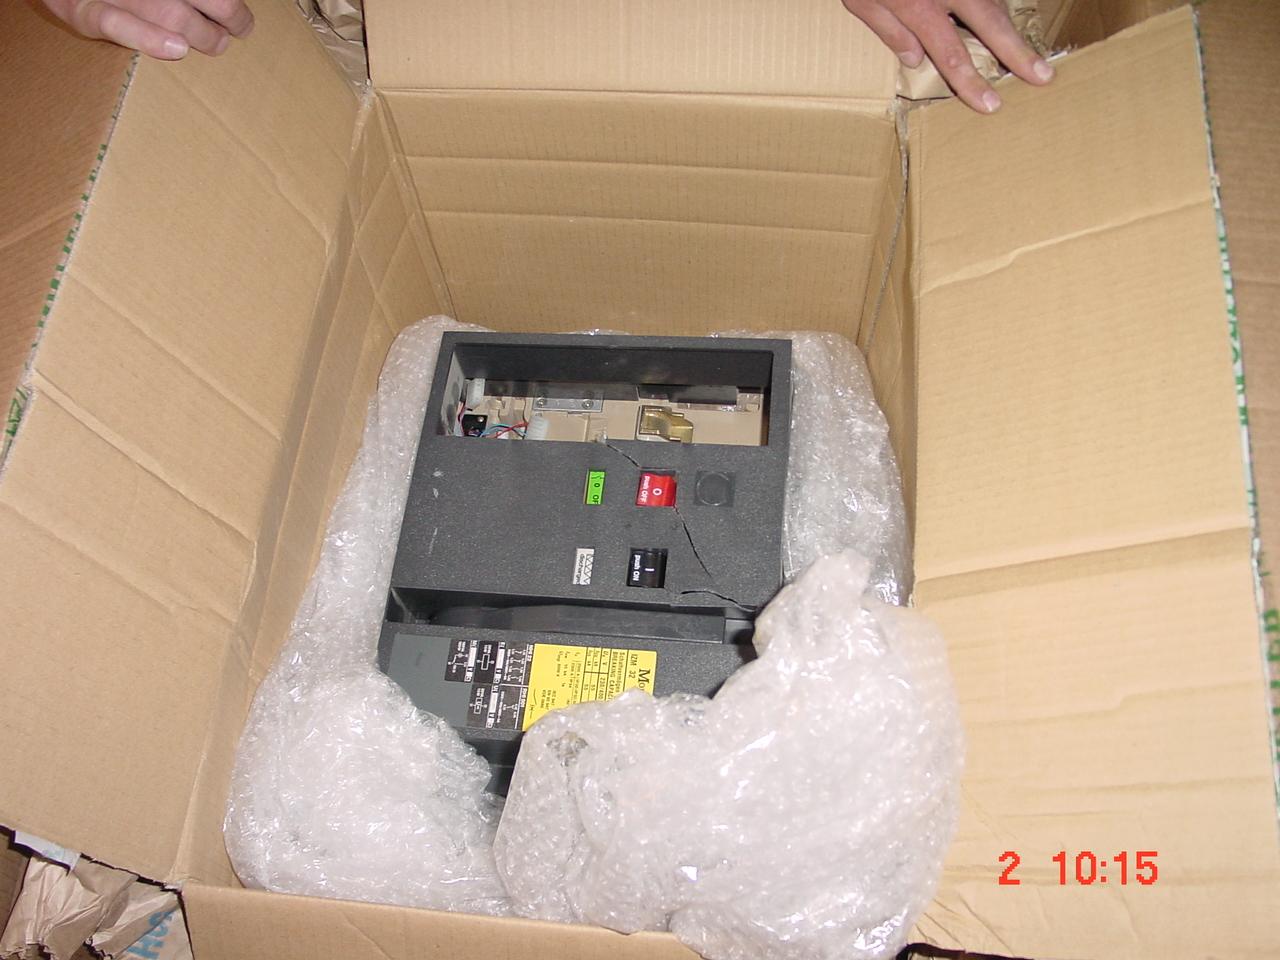 defektes elektronisches Gerät in einem Karton mit Luftpolsterfolie